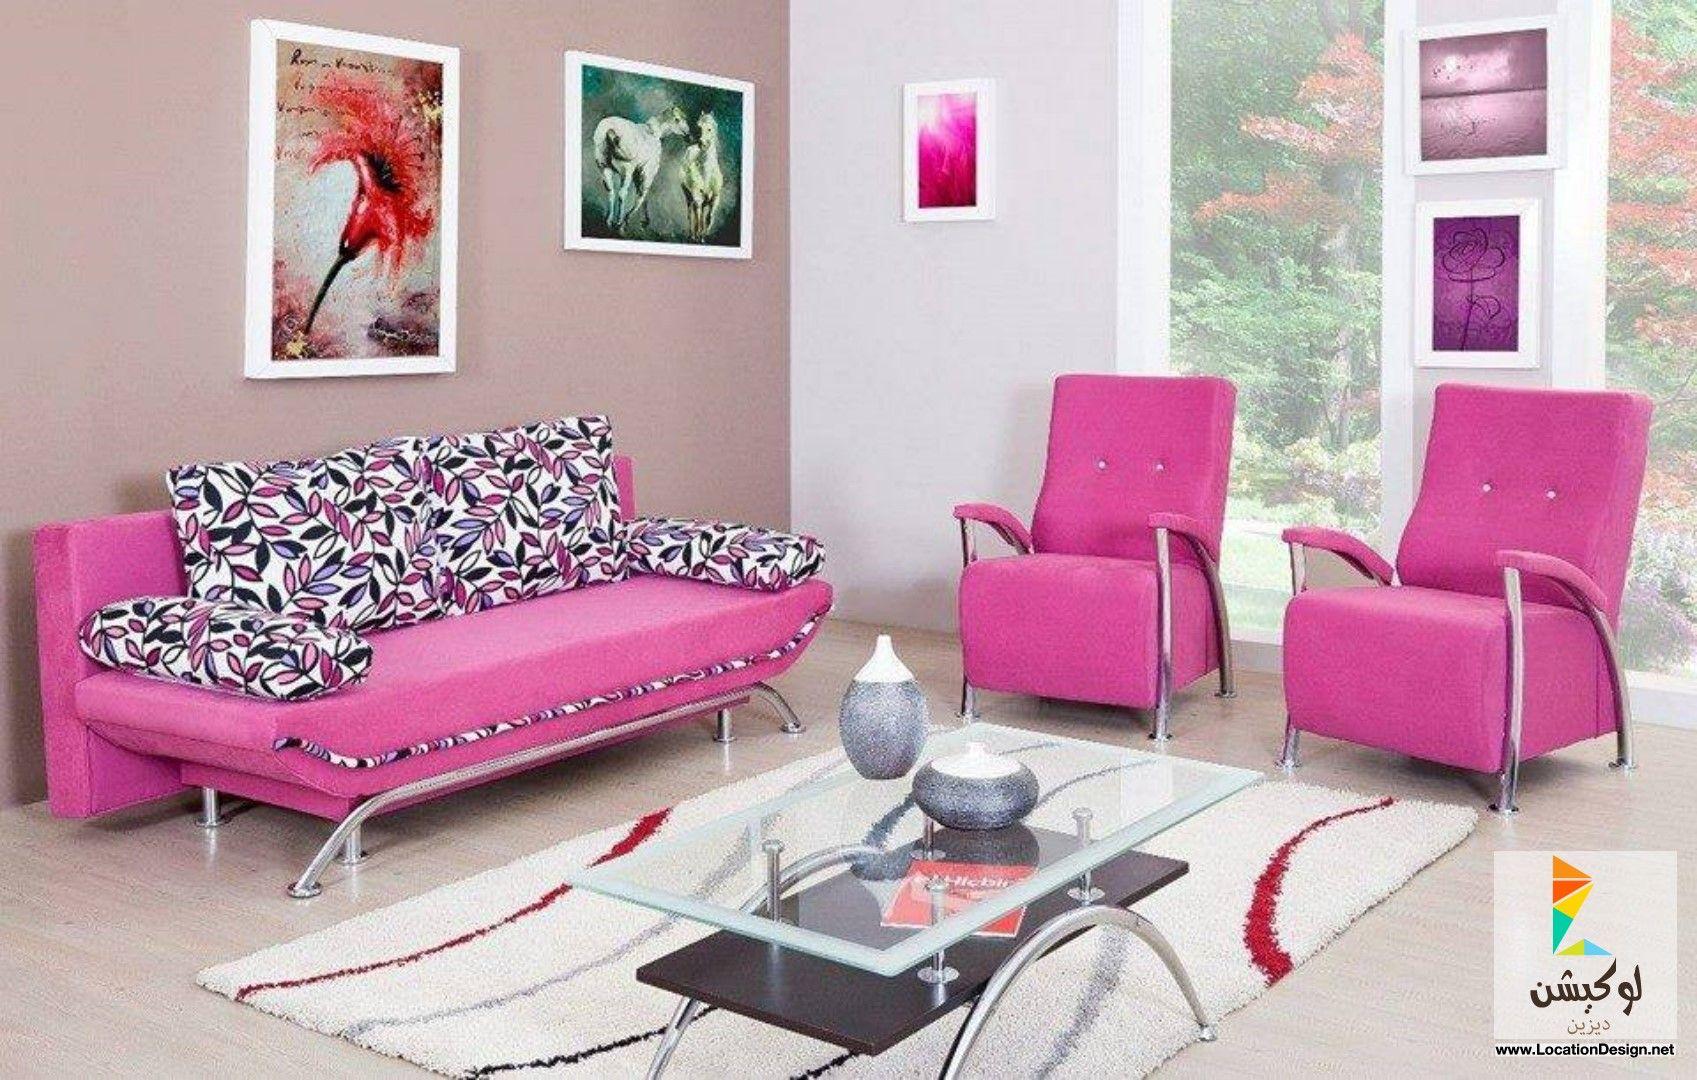 كتالوج صور ركنات مودرن 2020 لوكشين ديزين نت Home Decor Furniture Chaise Lounge